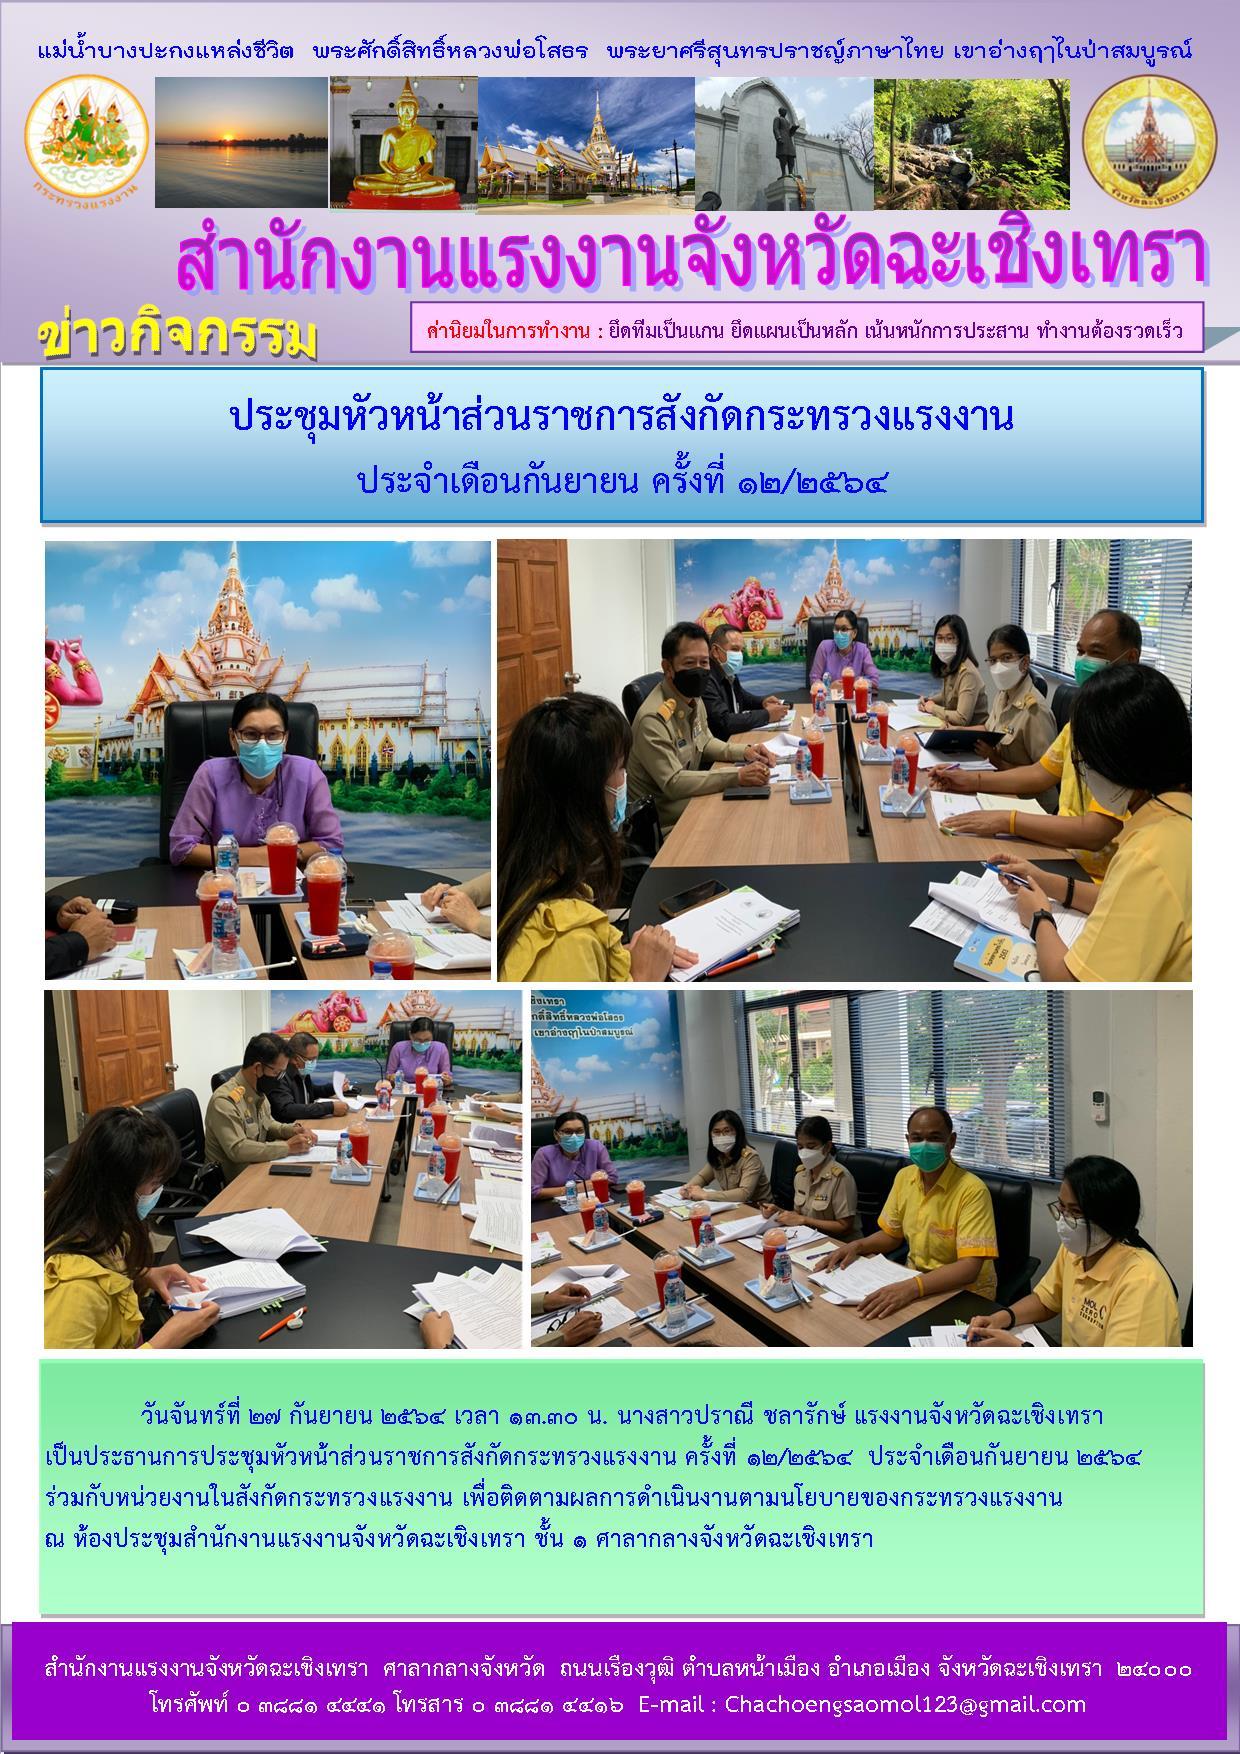 ประชุมหัวหน้าส่วนราชการสังกัดกระทรวงแรงงานครั้งที่ 12/2564 ประจำเดือนกันยายน